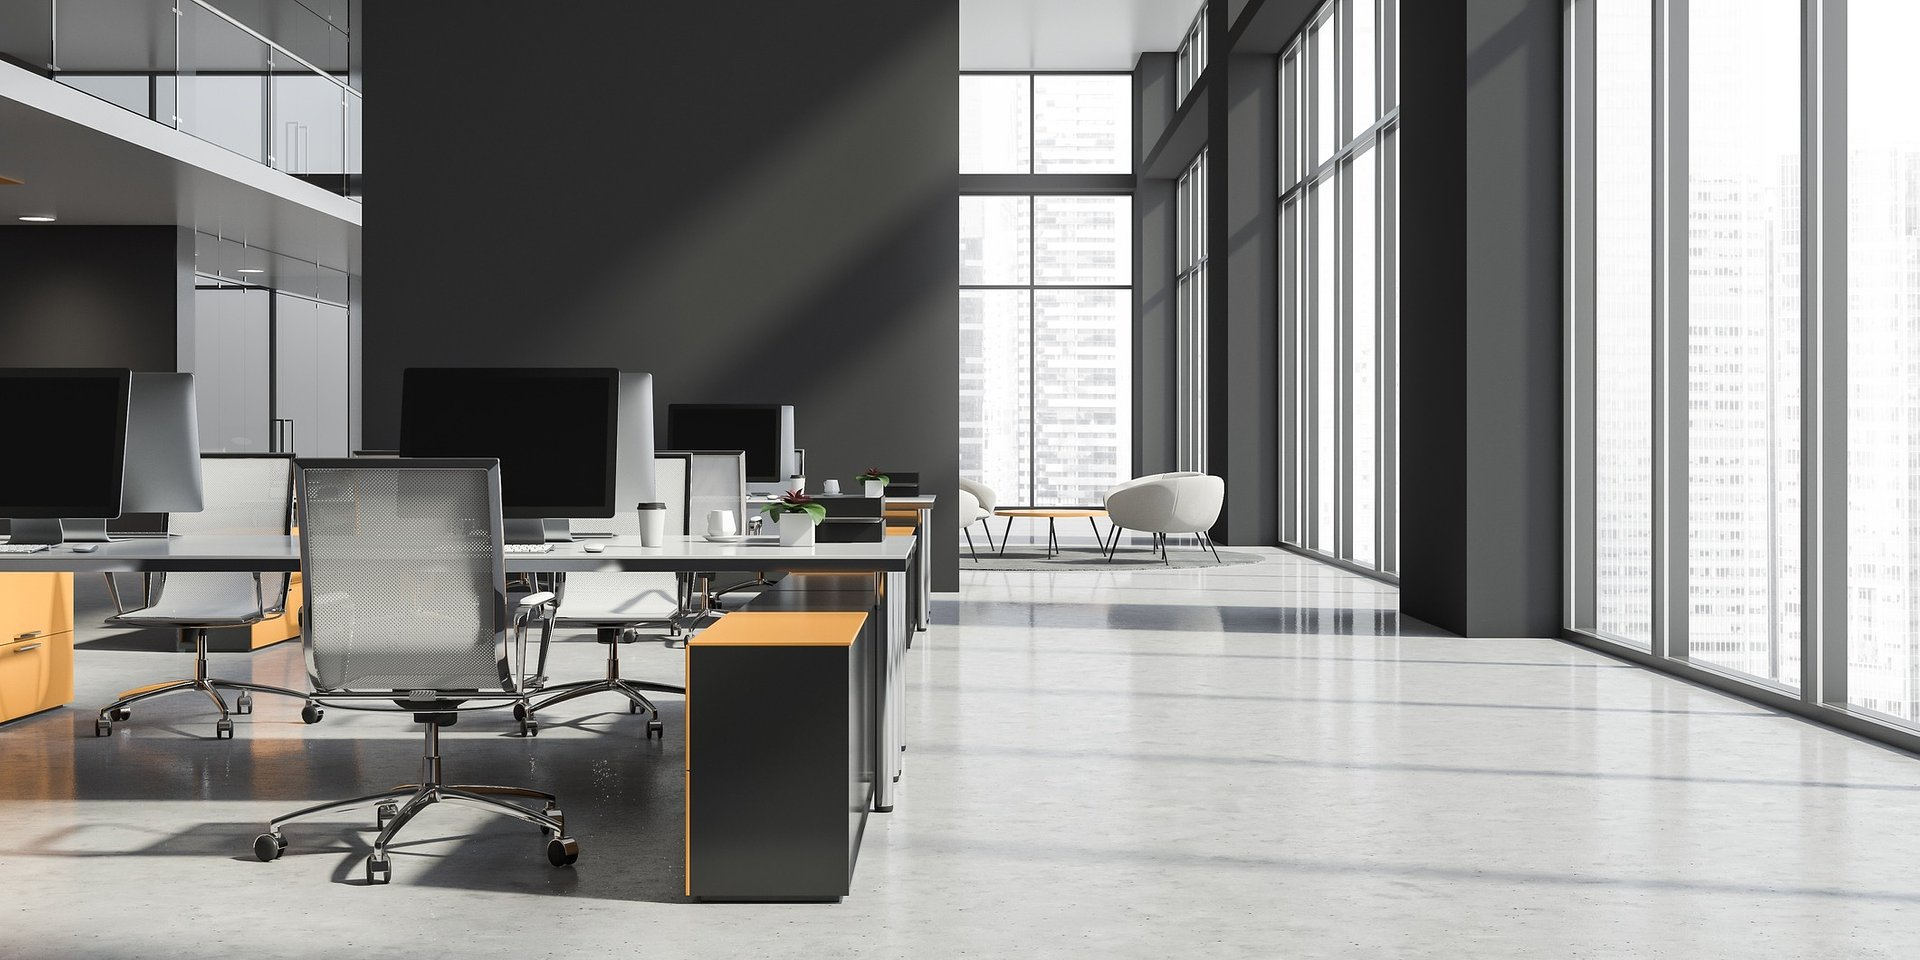 Oświetlenie nowoczesnych przestrzeni biurowych